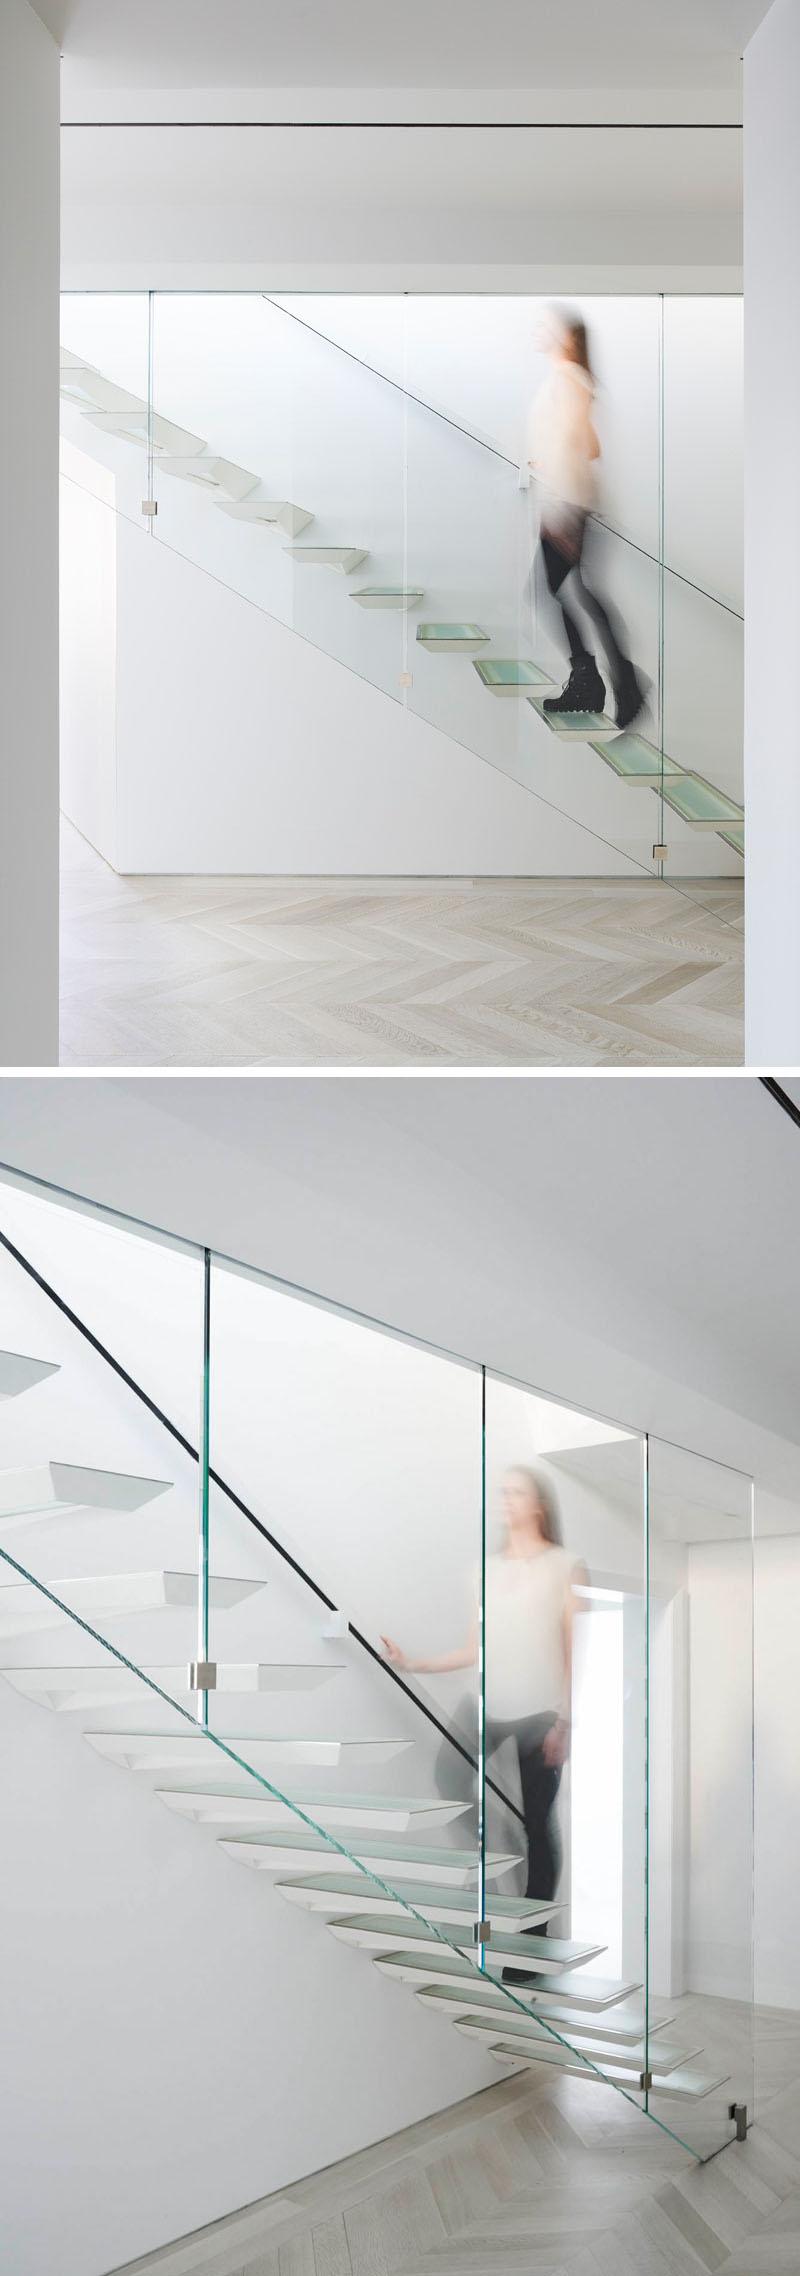 escalier-art-japonais-4